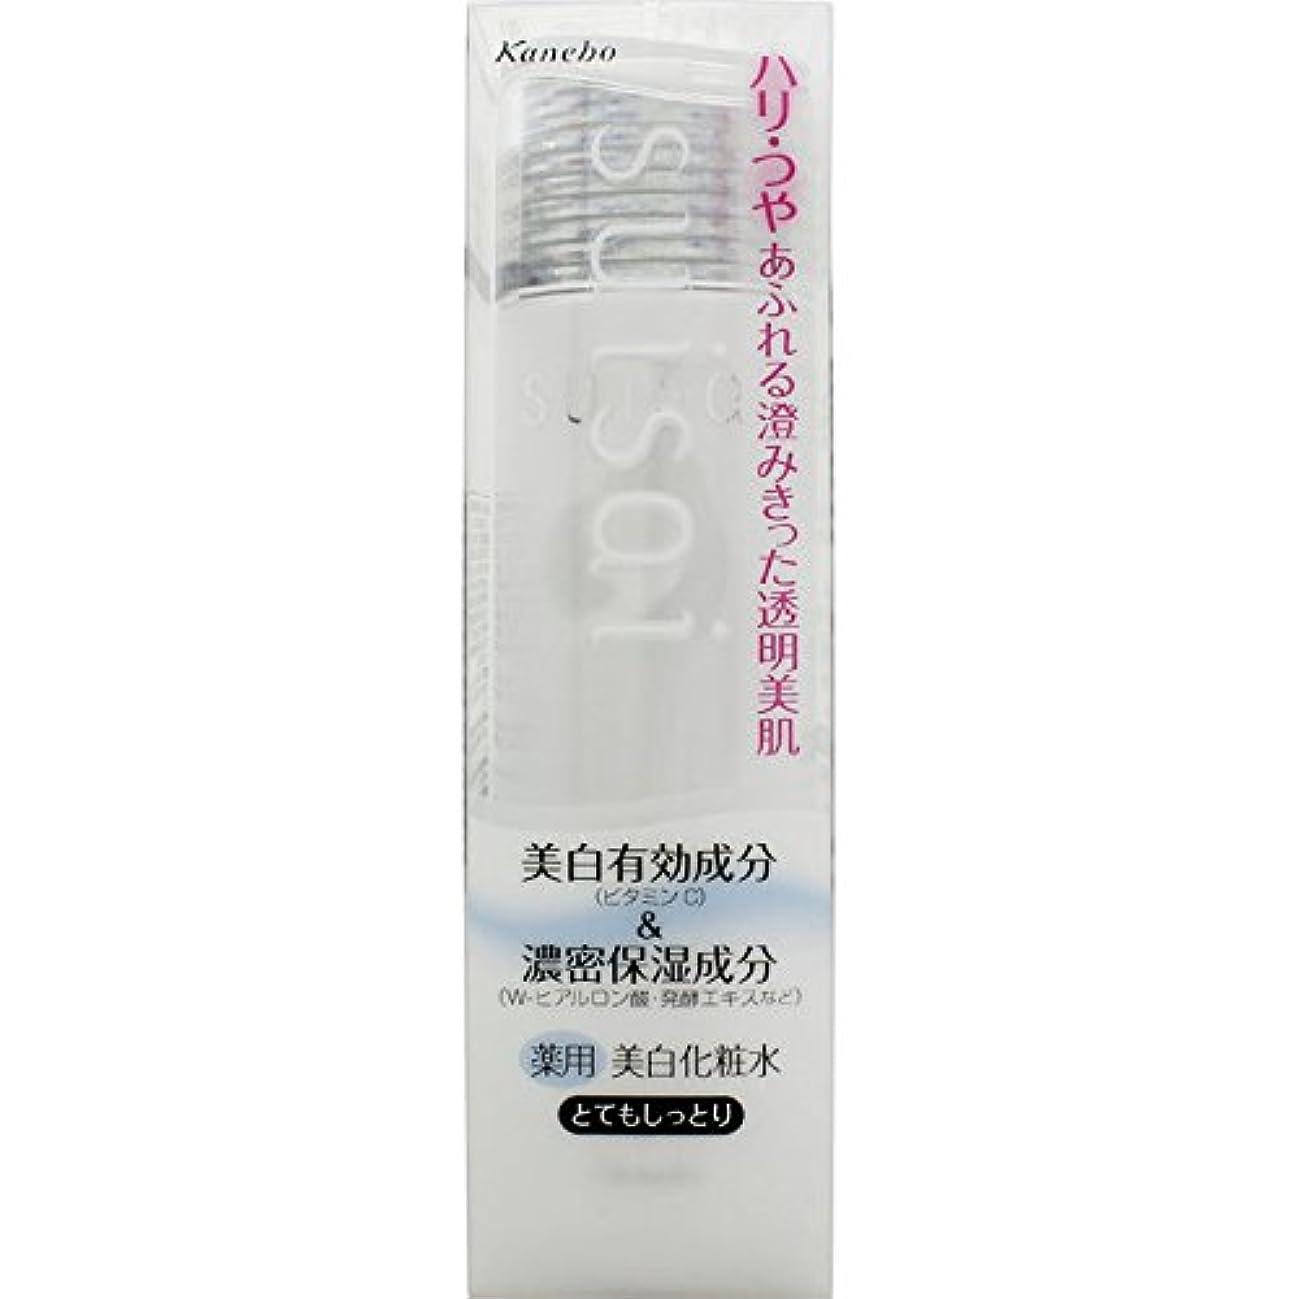 登場有効化縁石カネボウ suisai ホワイトニングローションIII 150ml